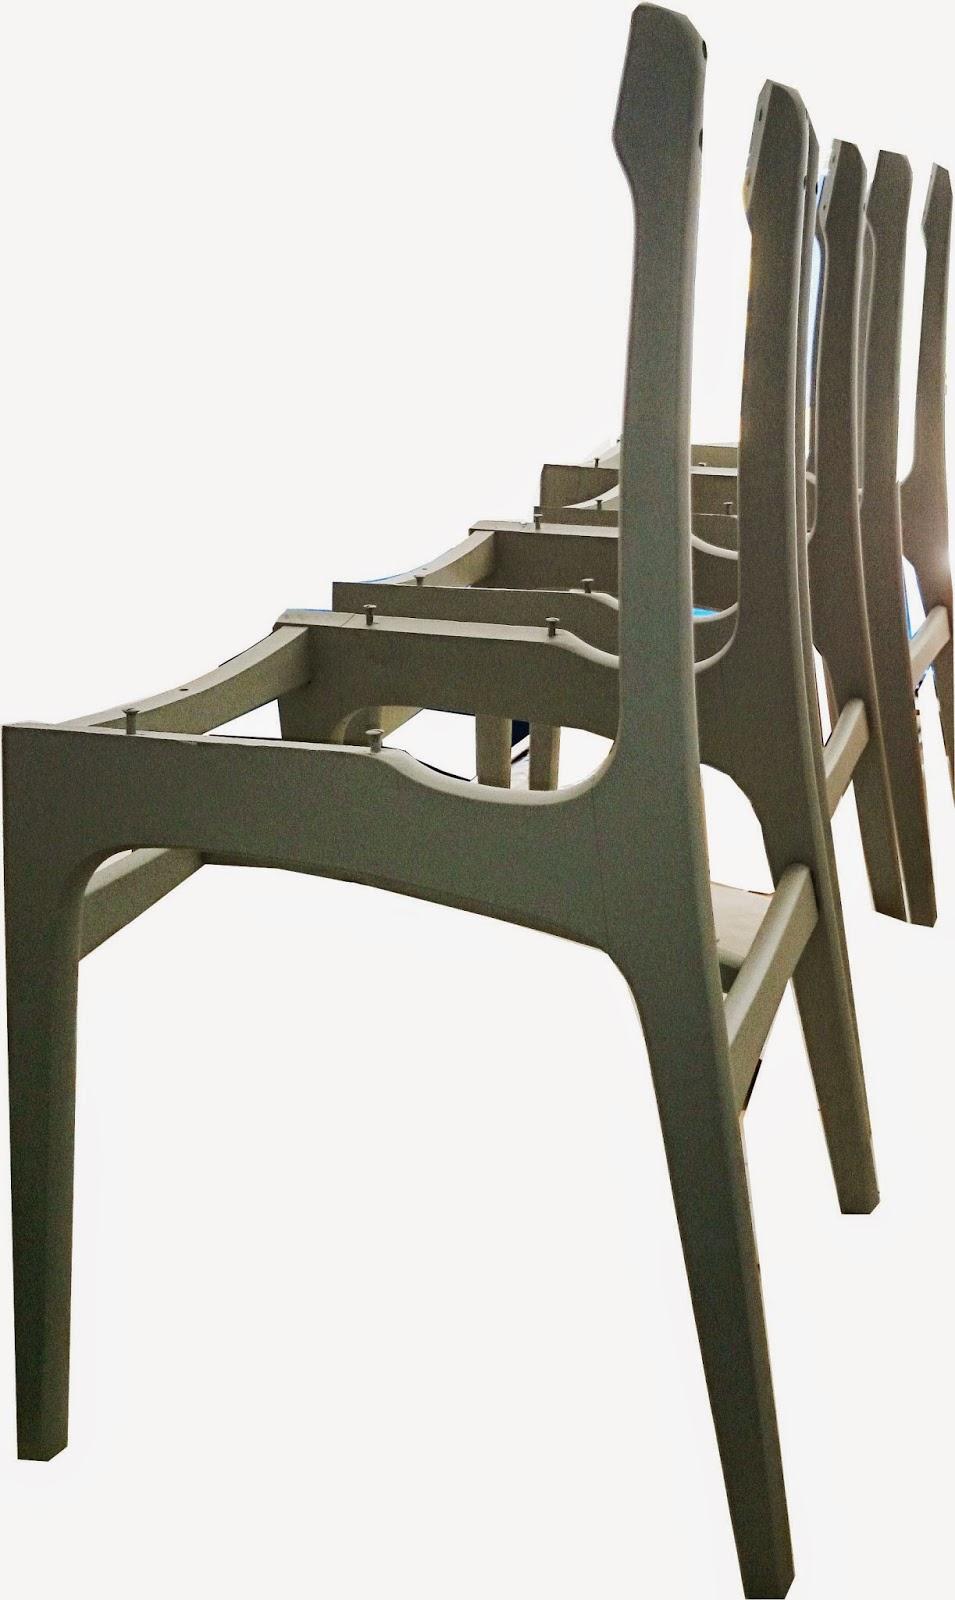 Jak Odnowić Krzesło Prl Zrób To Sam Refreszing